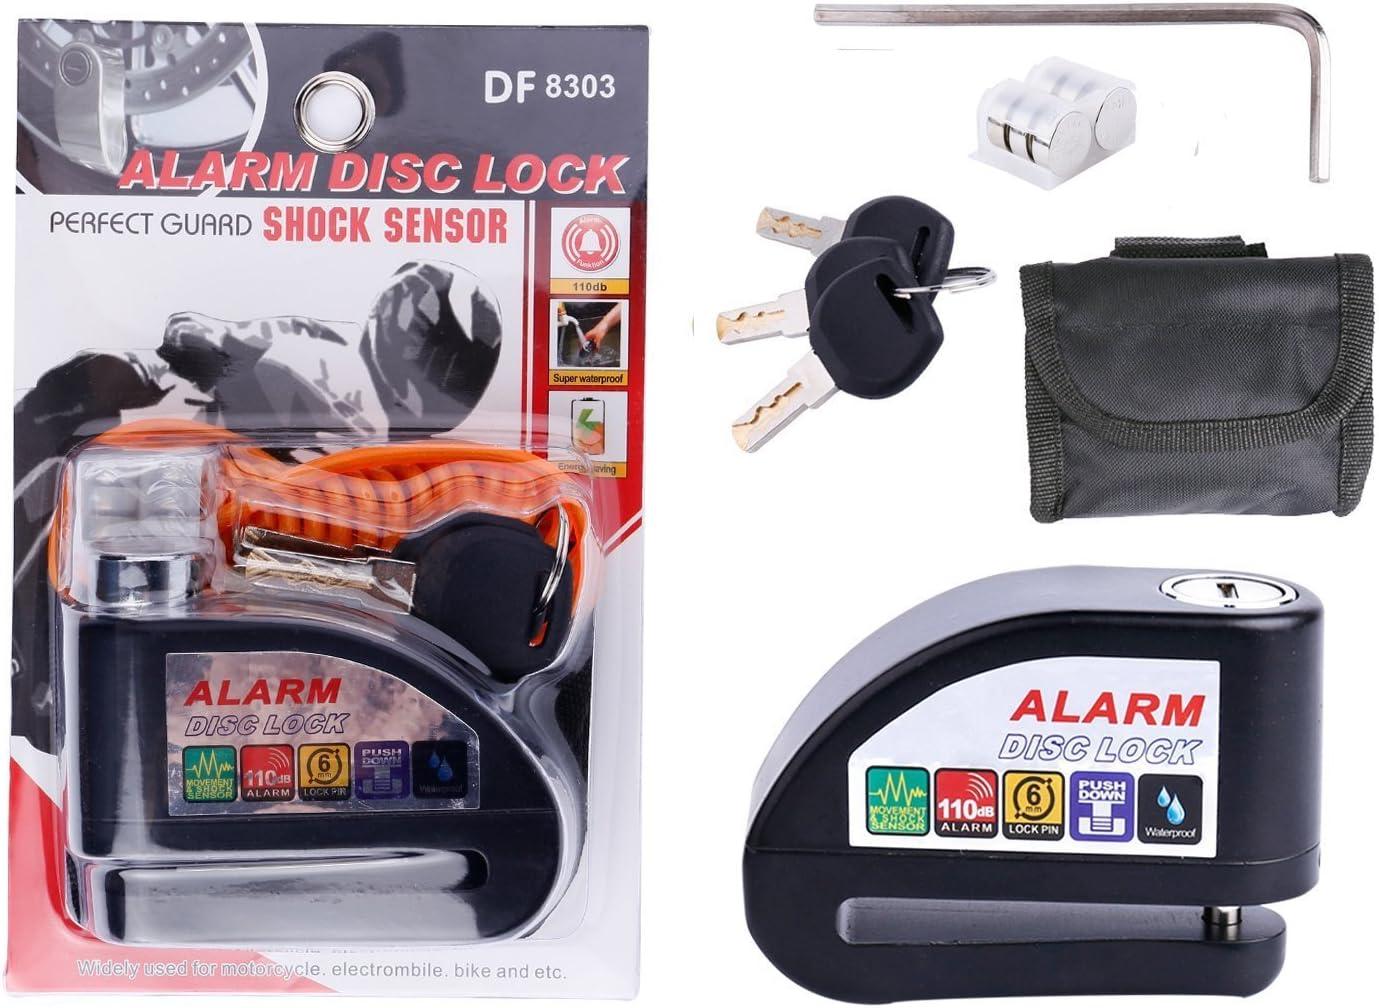 Negro con estuche y cable 1,5 m Antirrobo para moto con pasador 6mm Candado de moto de acero con alarma de 110db pilas incluidas EZTECH Candado de disco con alarma y RESISTENTE AL AGUA